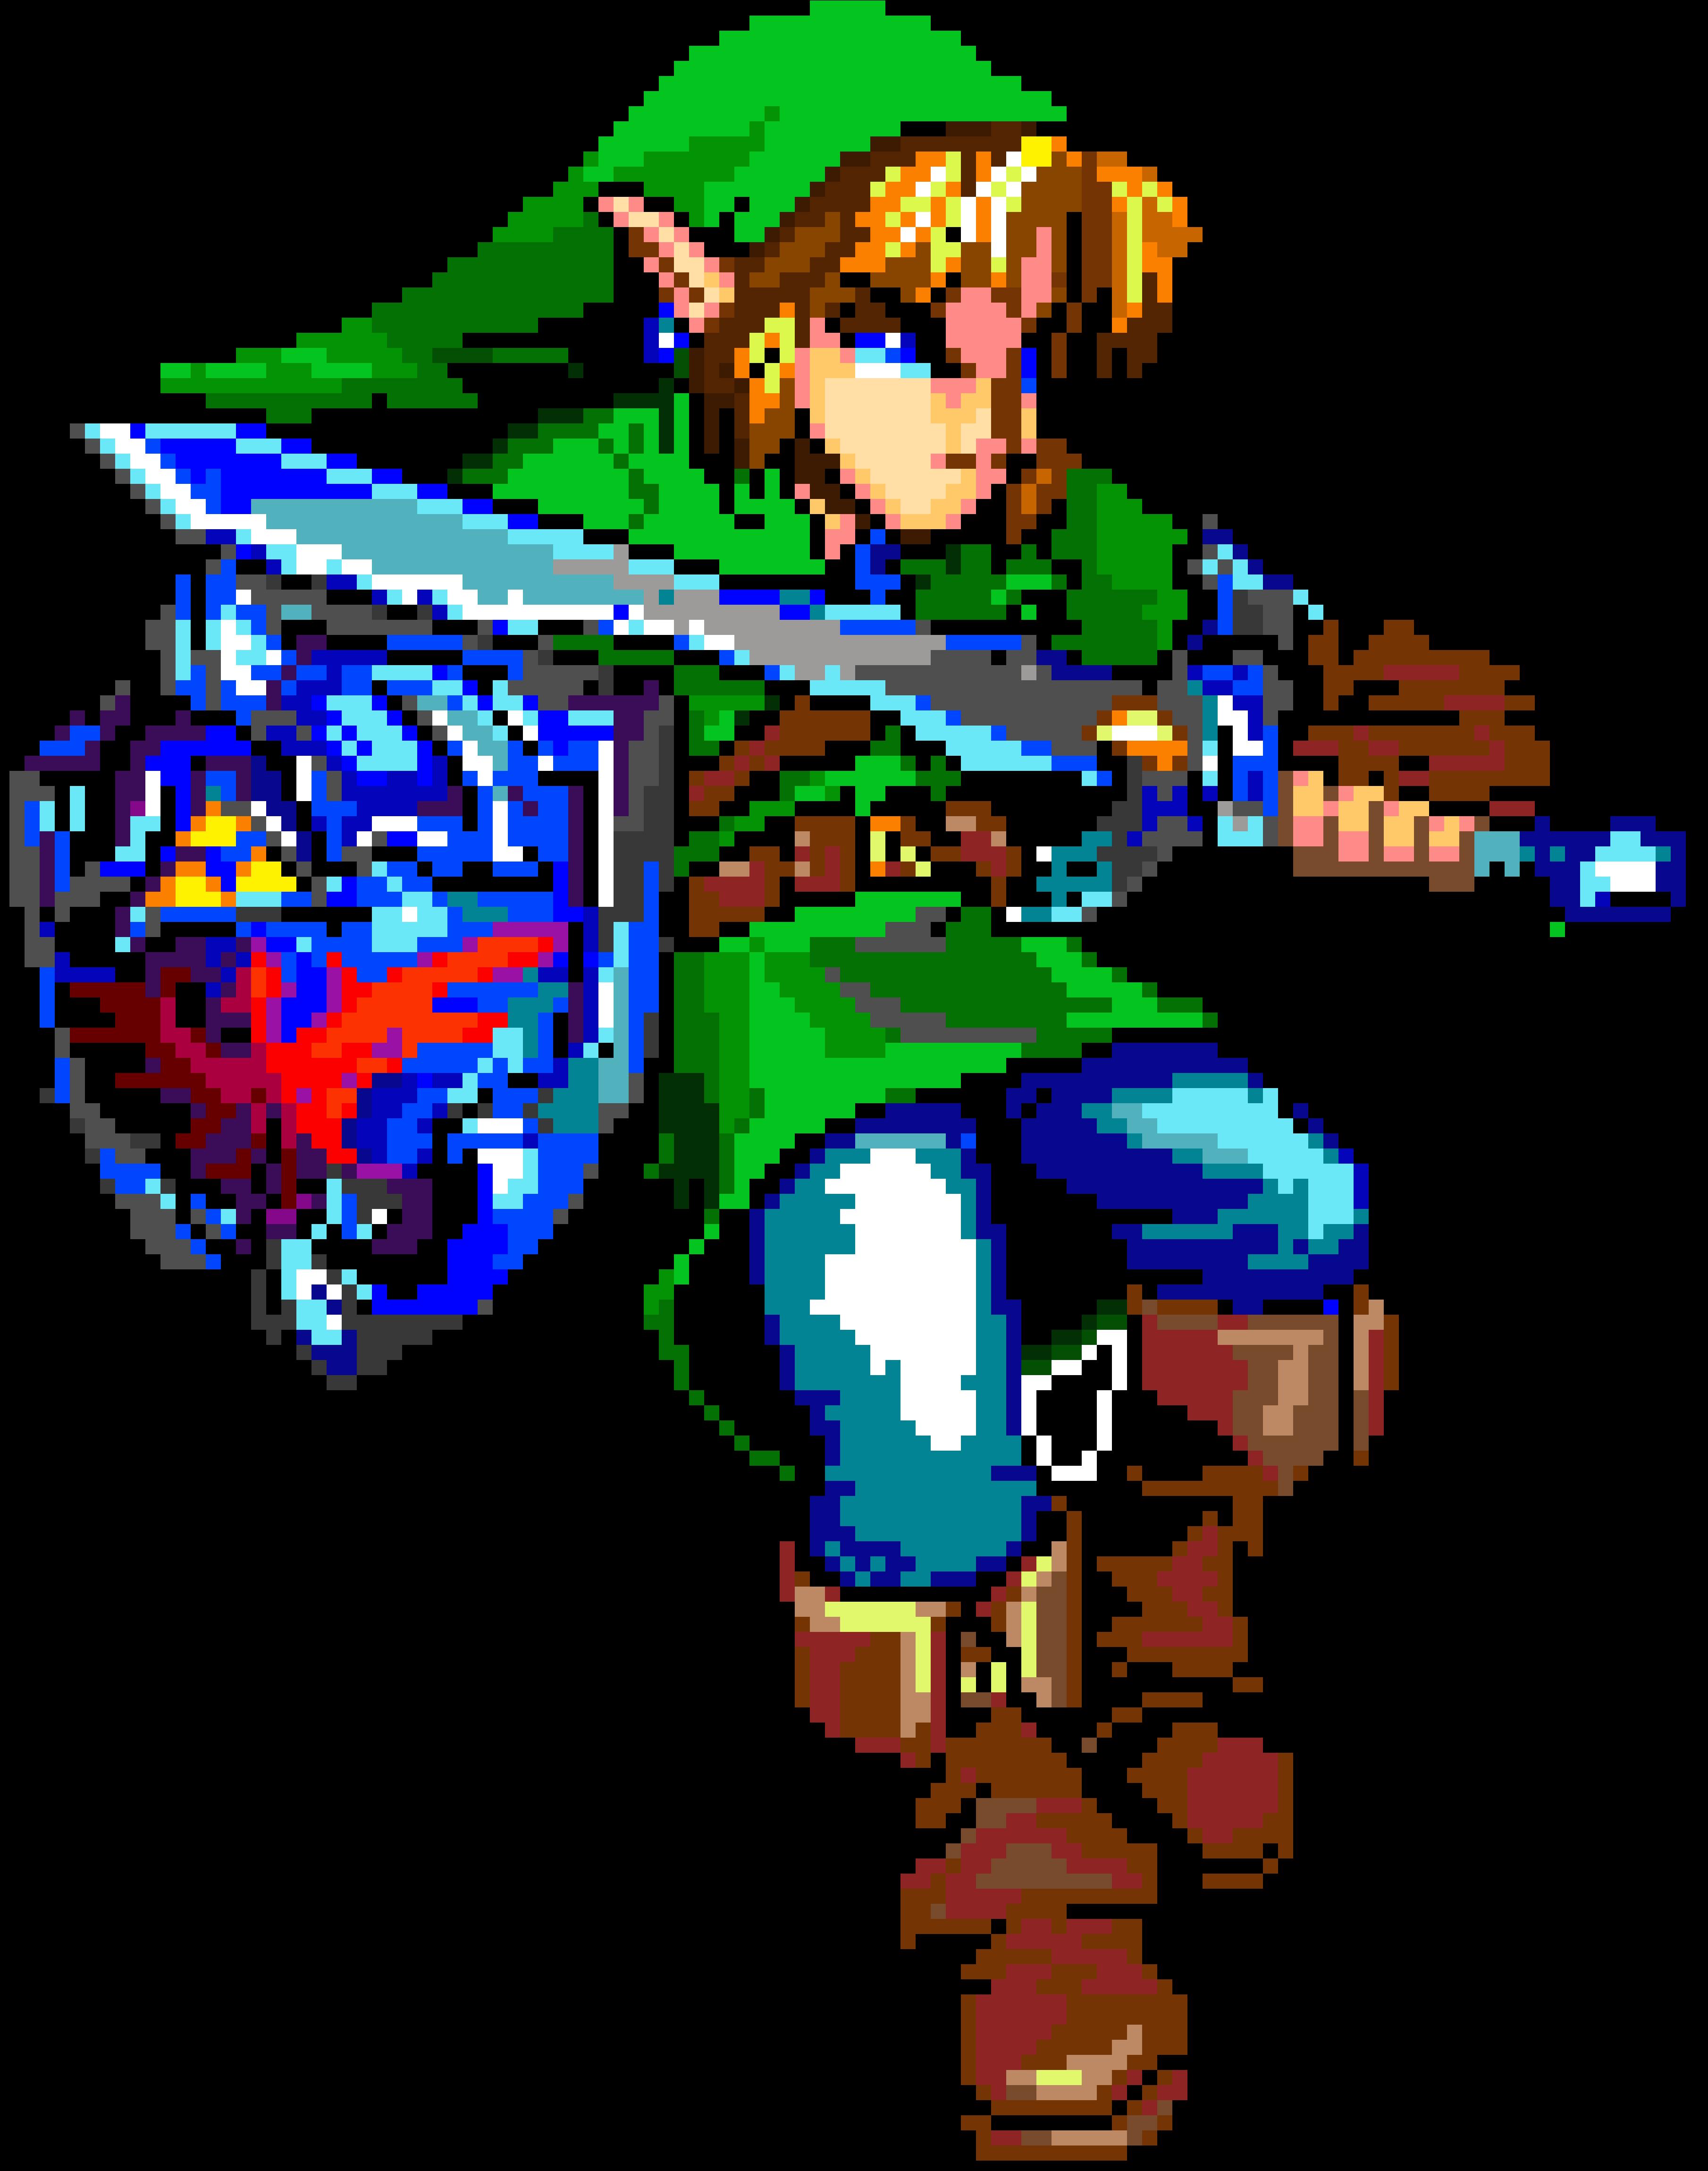 Link (Pixel Art) by HalfMilk on Newgrounds